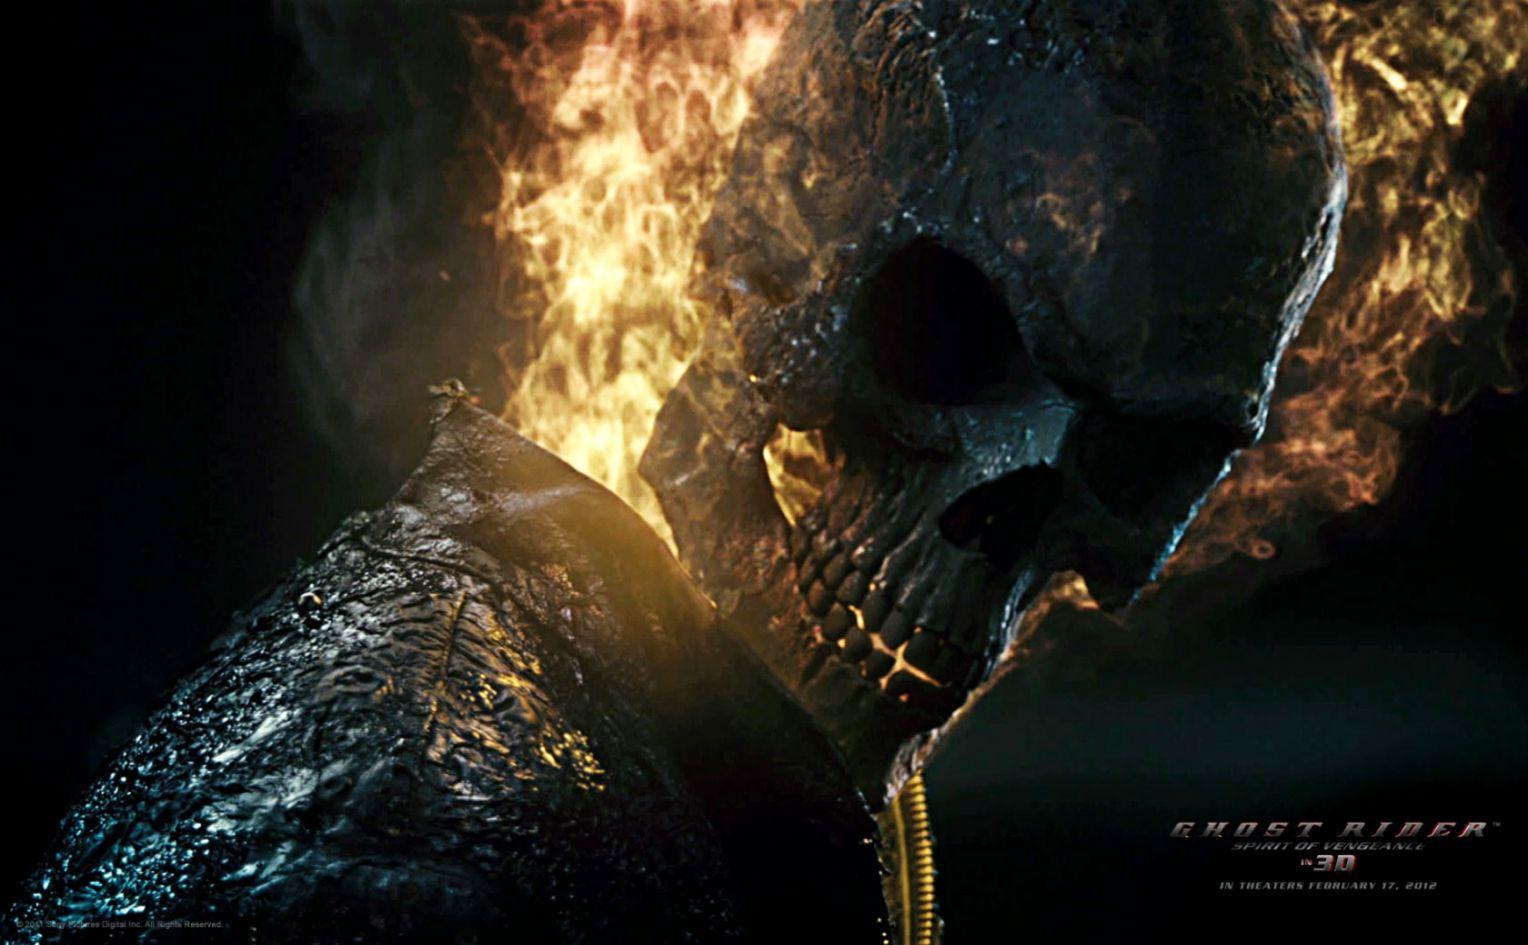 Ghost Rider Spirit Of Vengeance Wallpaper Hd Motorista Fantasma